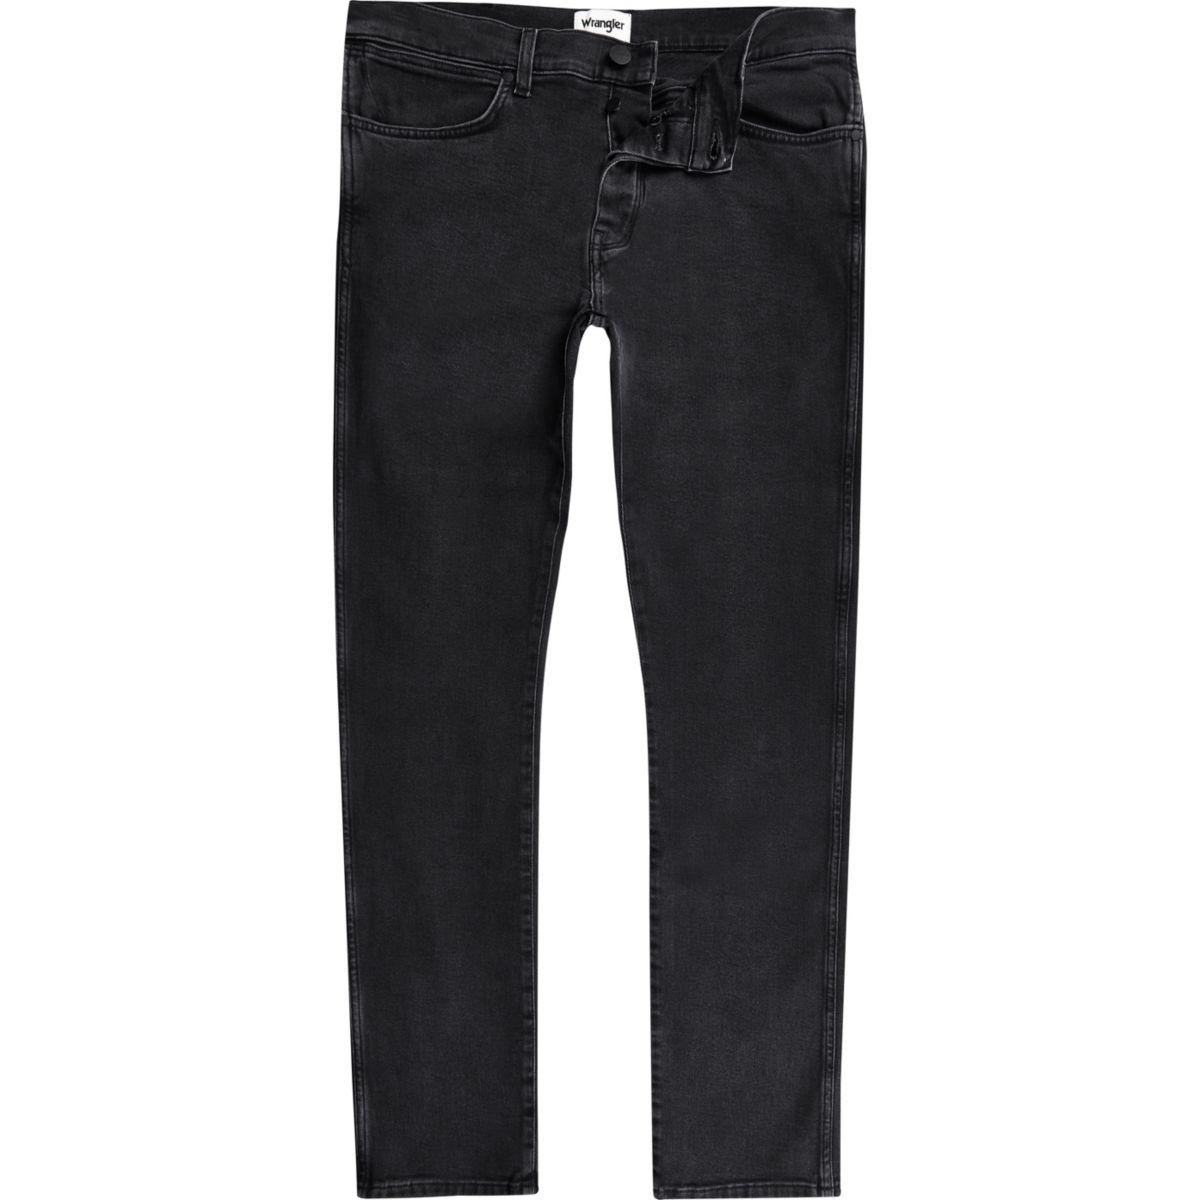 Wrangler black Spencer jeans